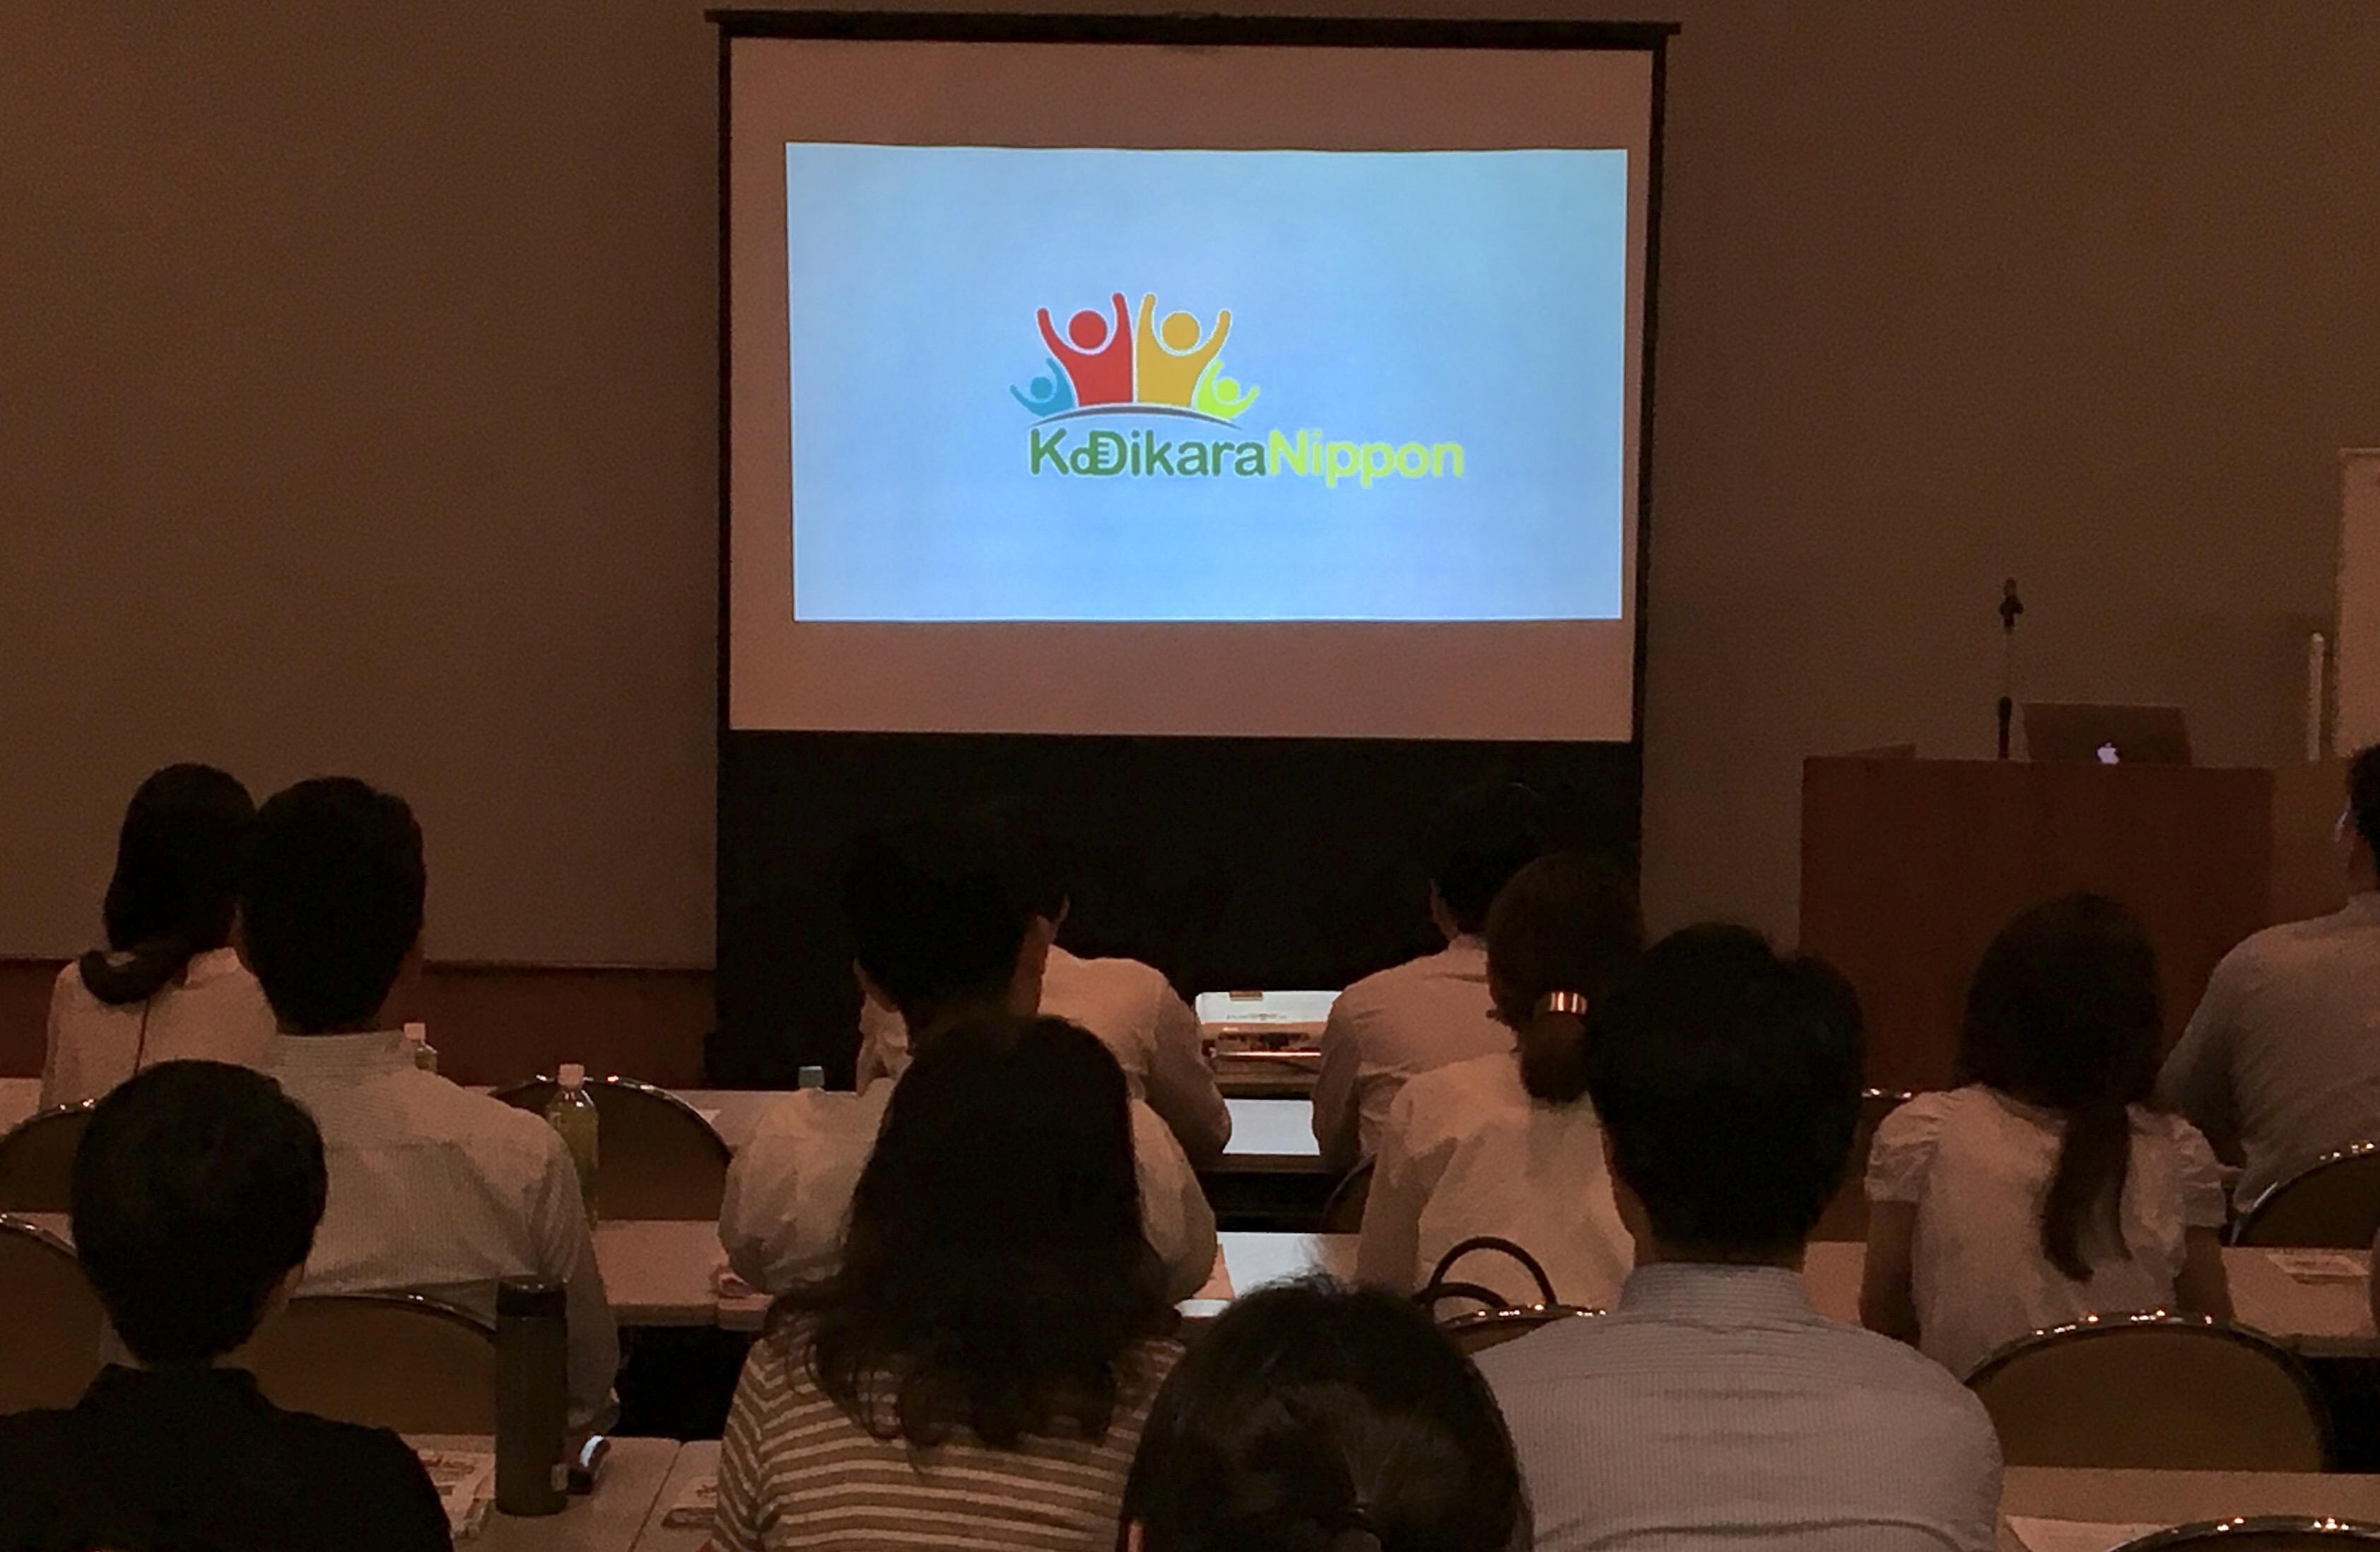 コヂカラ・ニッポン5周年記念フォーラム。子ども達のスピーチに度肝を抜かれました